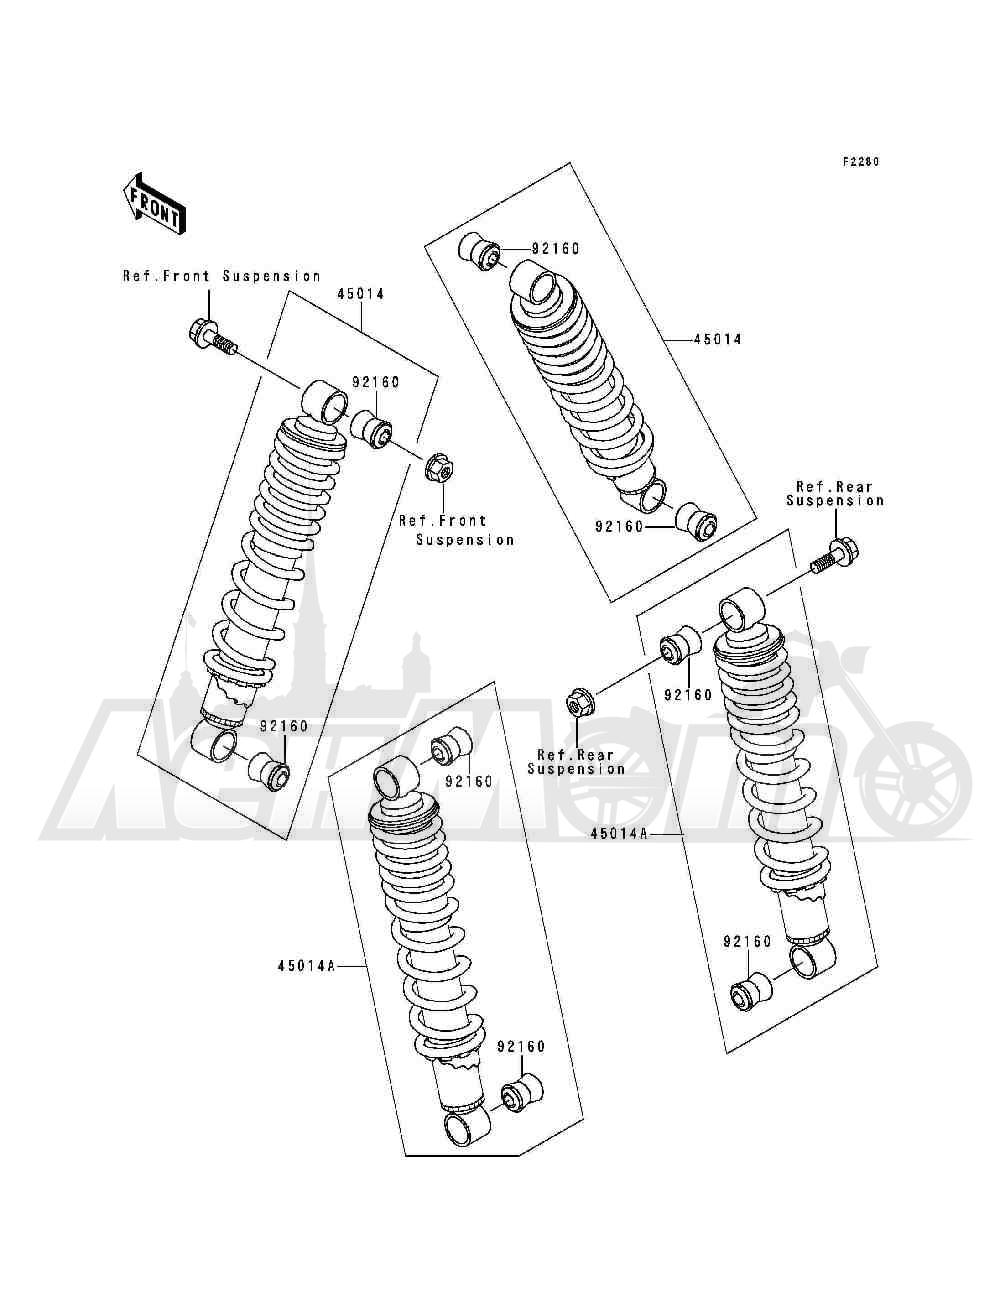 Запчасти для Квадроцикла Kawasaki 1993 BAYOU 300 (KLF300-B6) Раздел: SHOCK ABSORBER(S) | амортизатор (S)